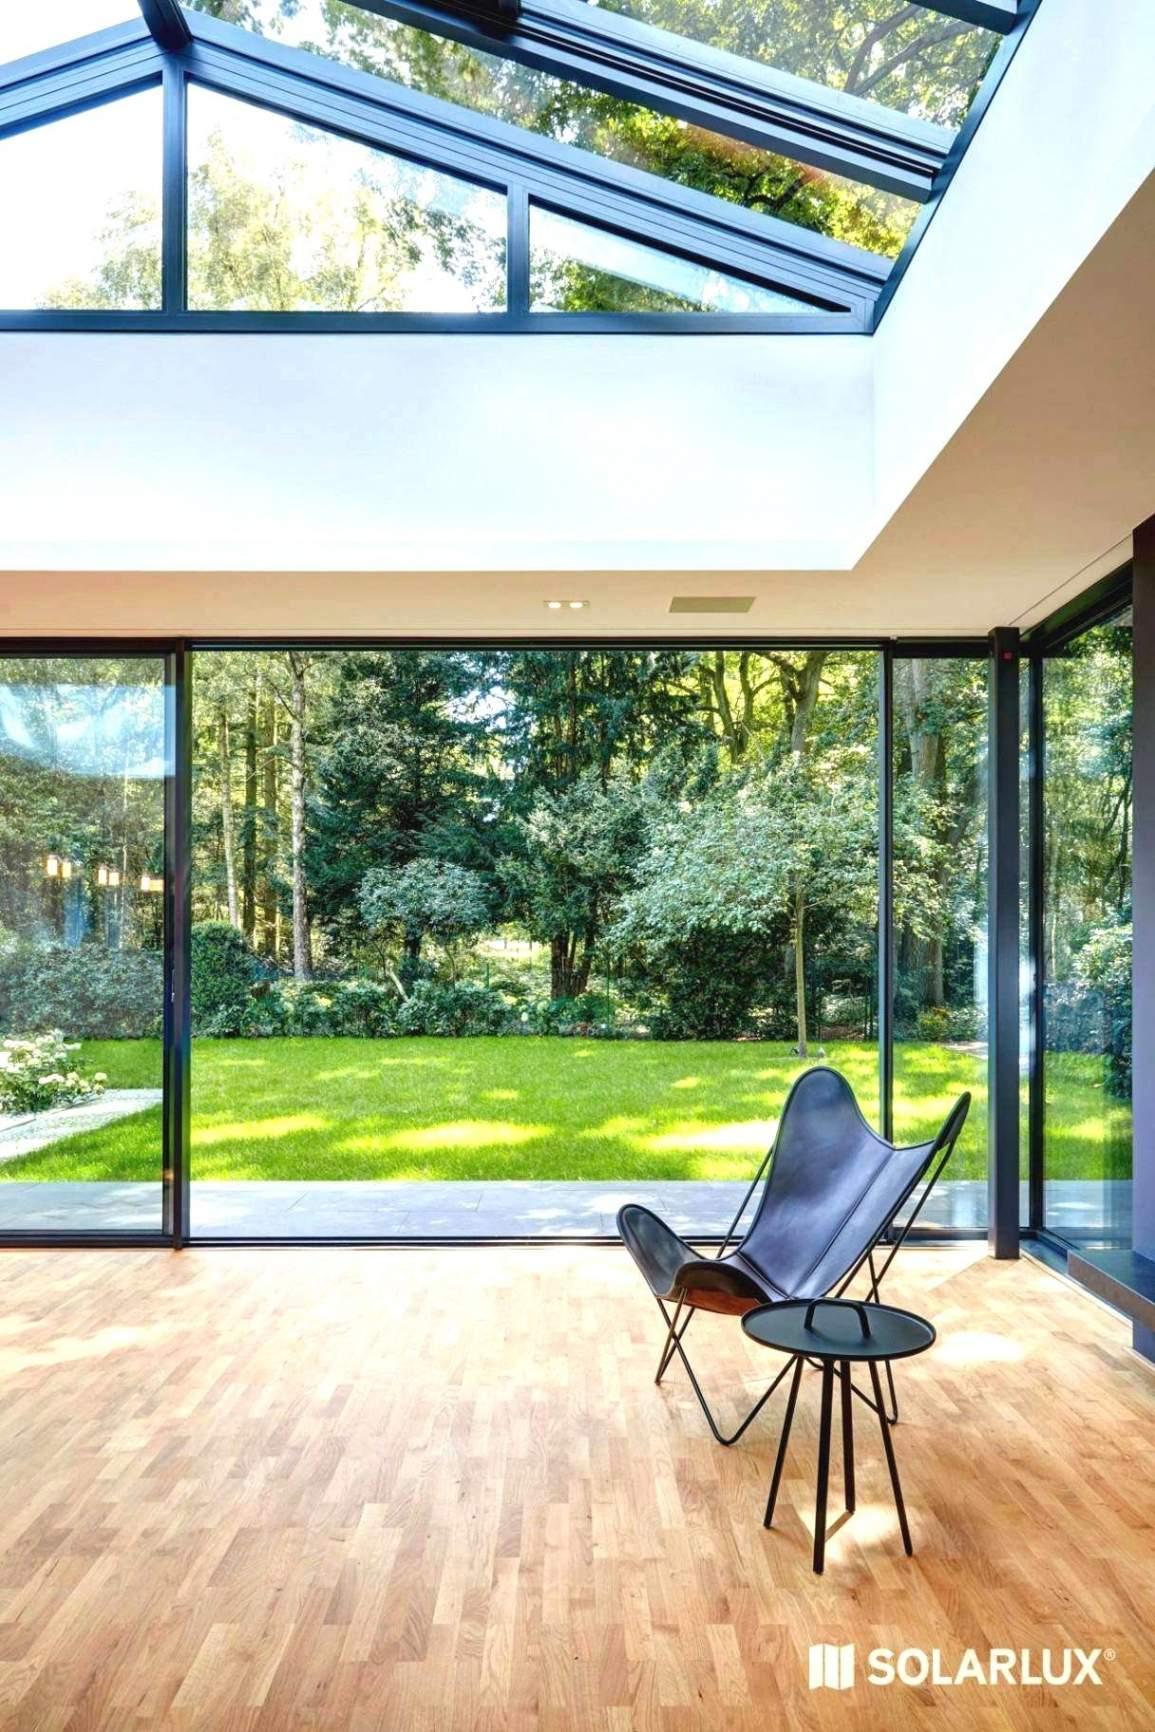 wintergarten selber bauen 40 entwurf kein balkon alternative kein balkon alternative 2